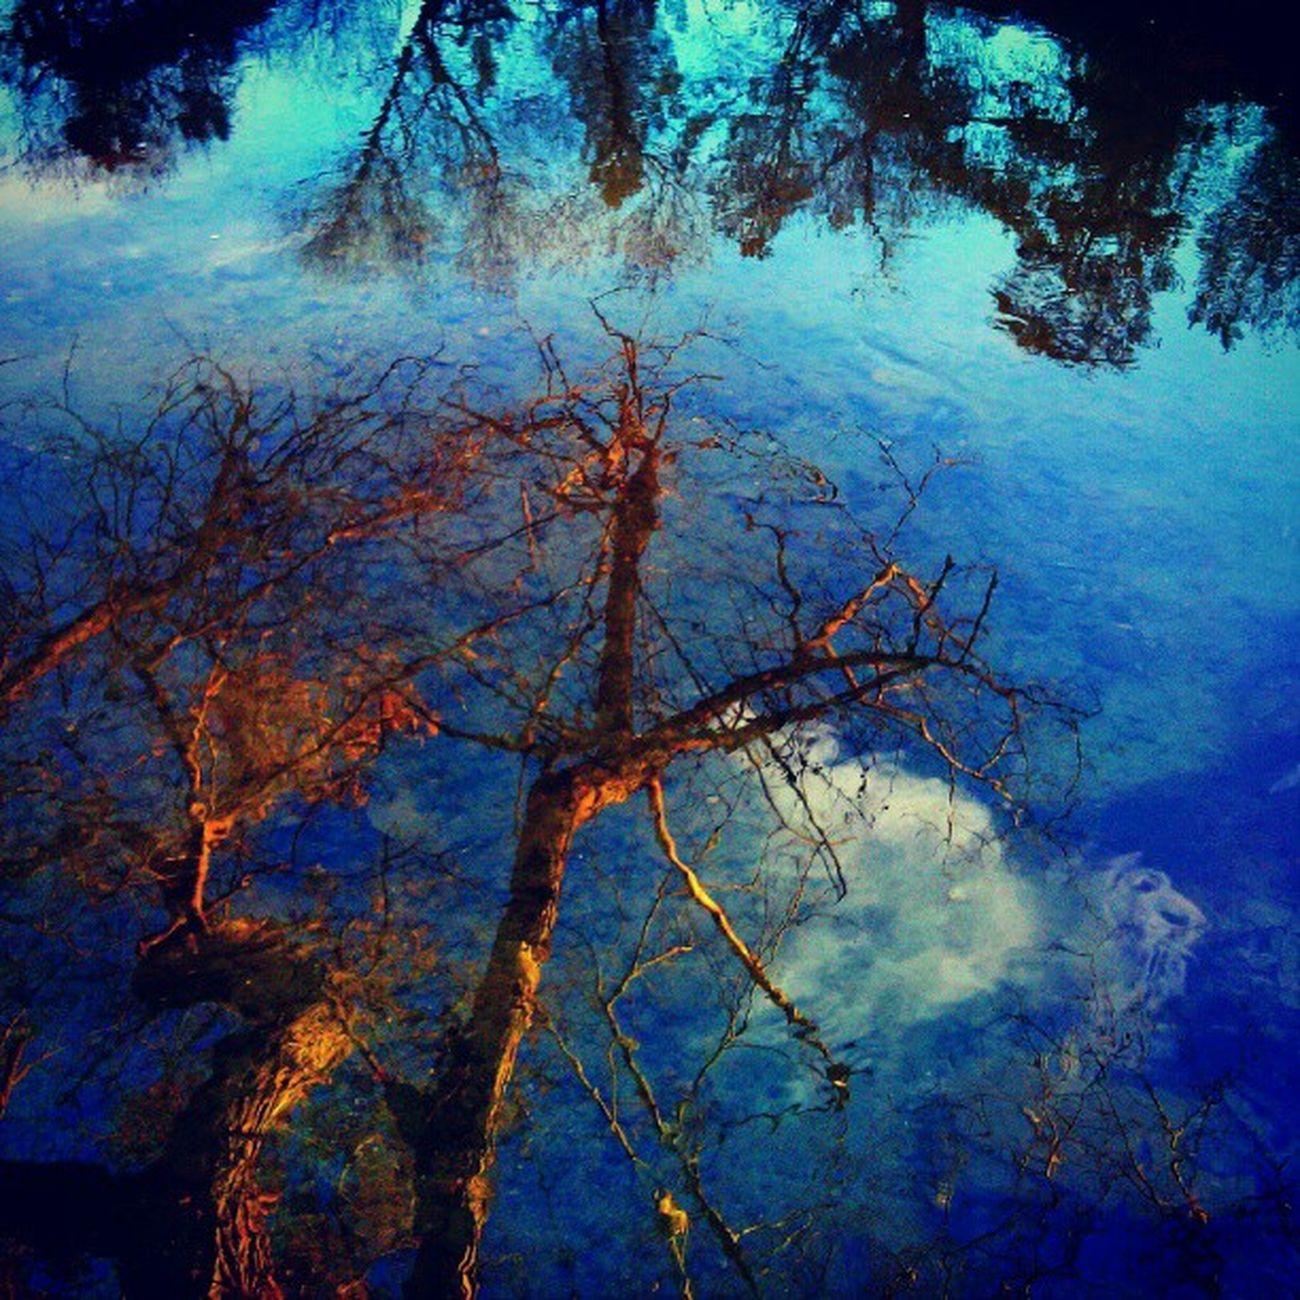 Reflection Water Lake Stream Landscape Waterscape Creek Wintersca Winters Putahcreek Contrast Blue Orange Tree Branch